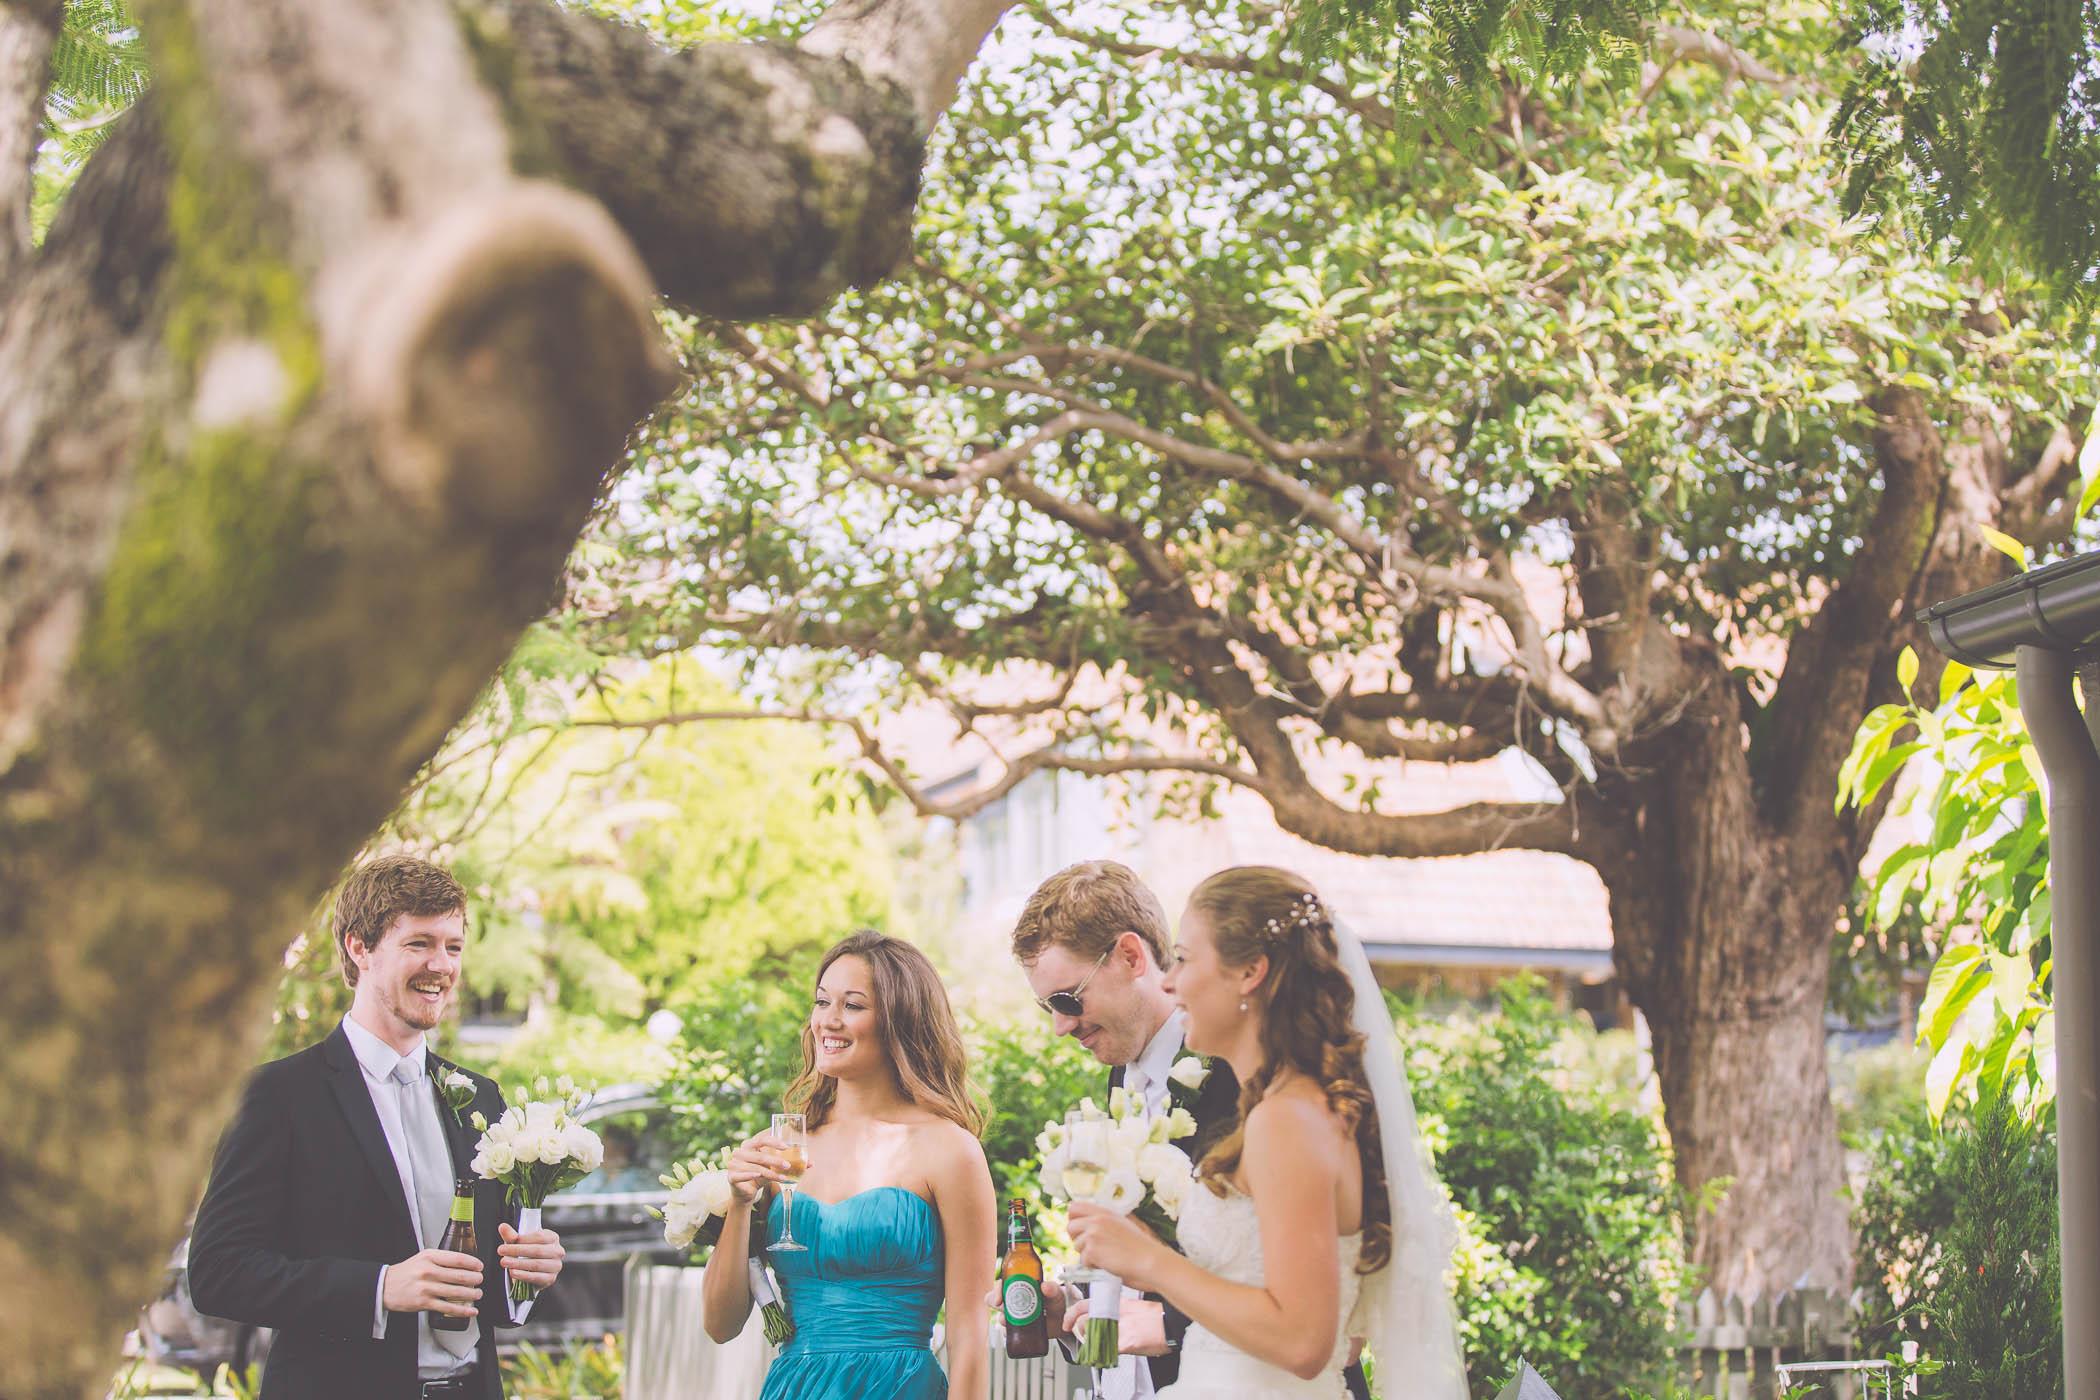 Lucy & Tom_Matt Teague_Wedding Photographer Mudgee-36.jpg